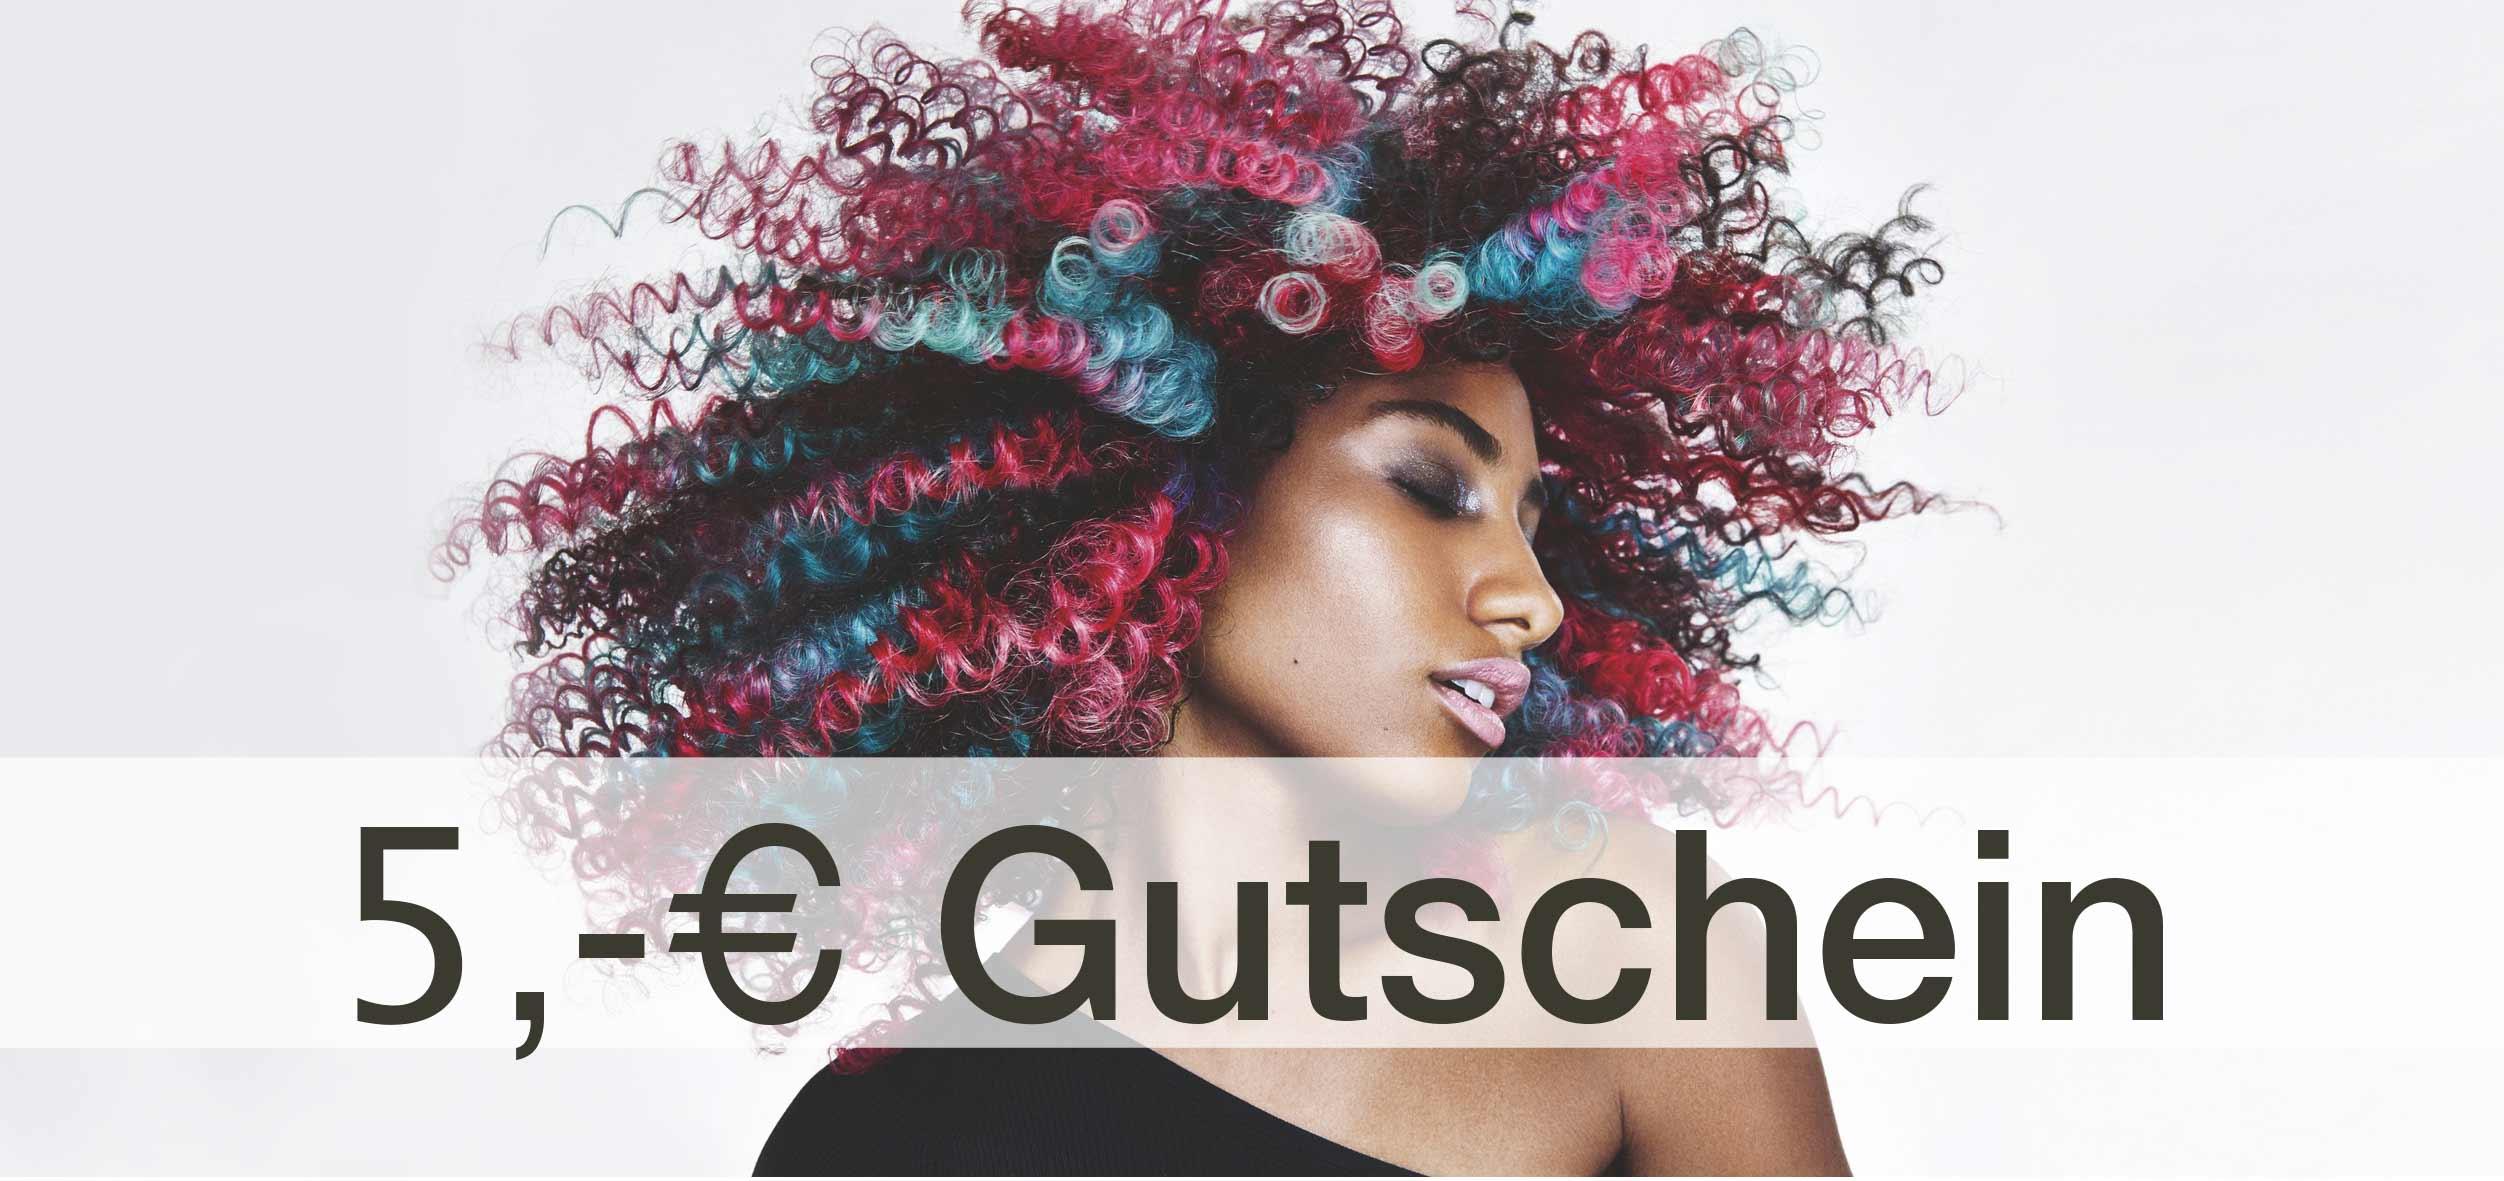 5 Euro Gutschein Webseite